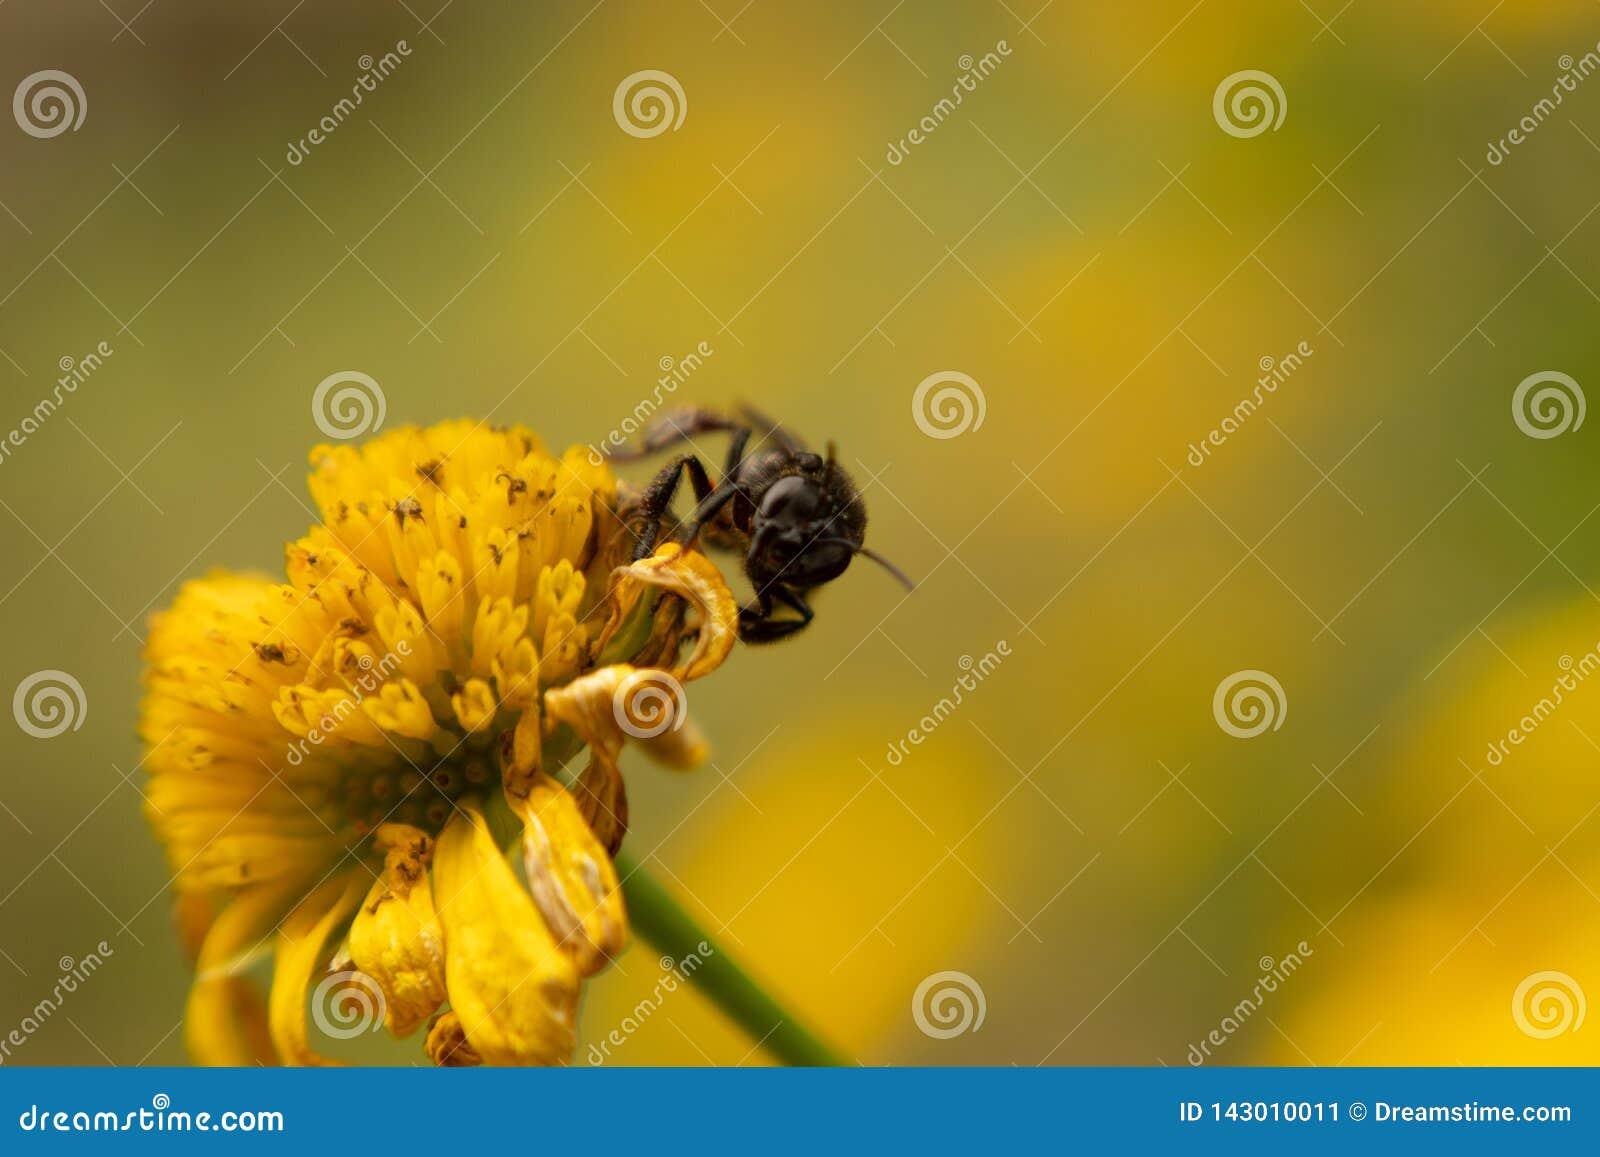 Pequeño insecto aterrizado en el girasol amarillo